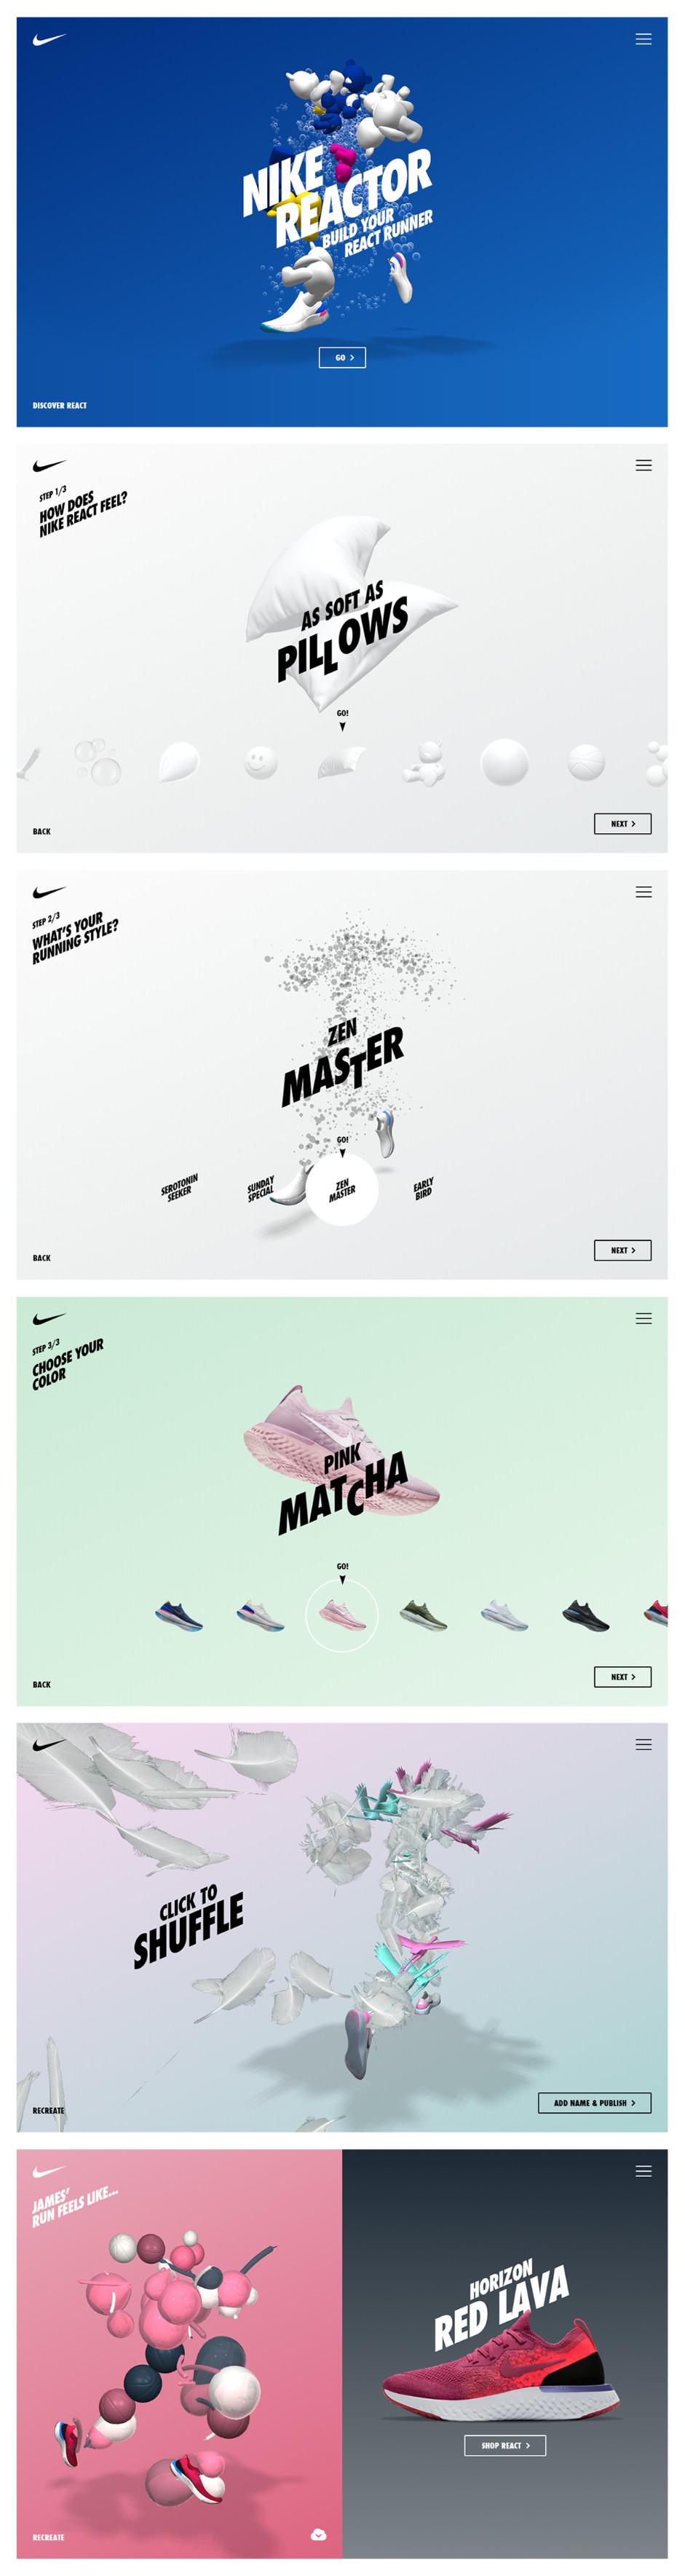 Nike Reaction DPDK